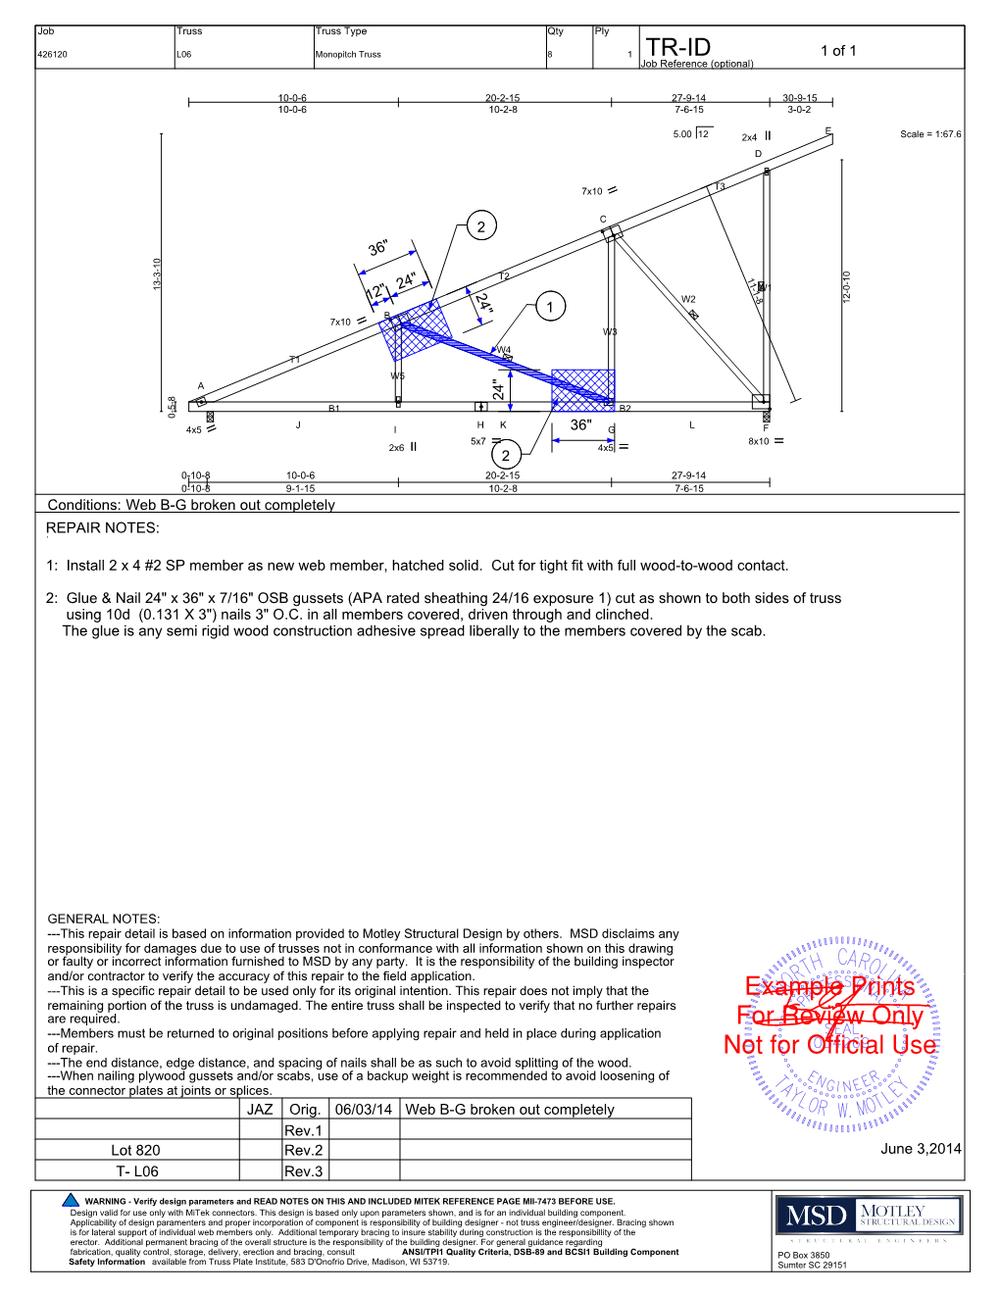 Example Repair Drawing.png